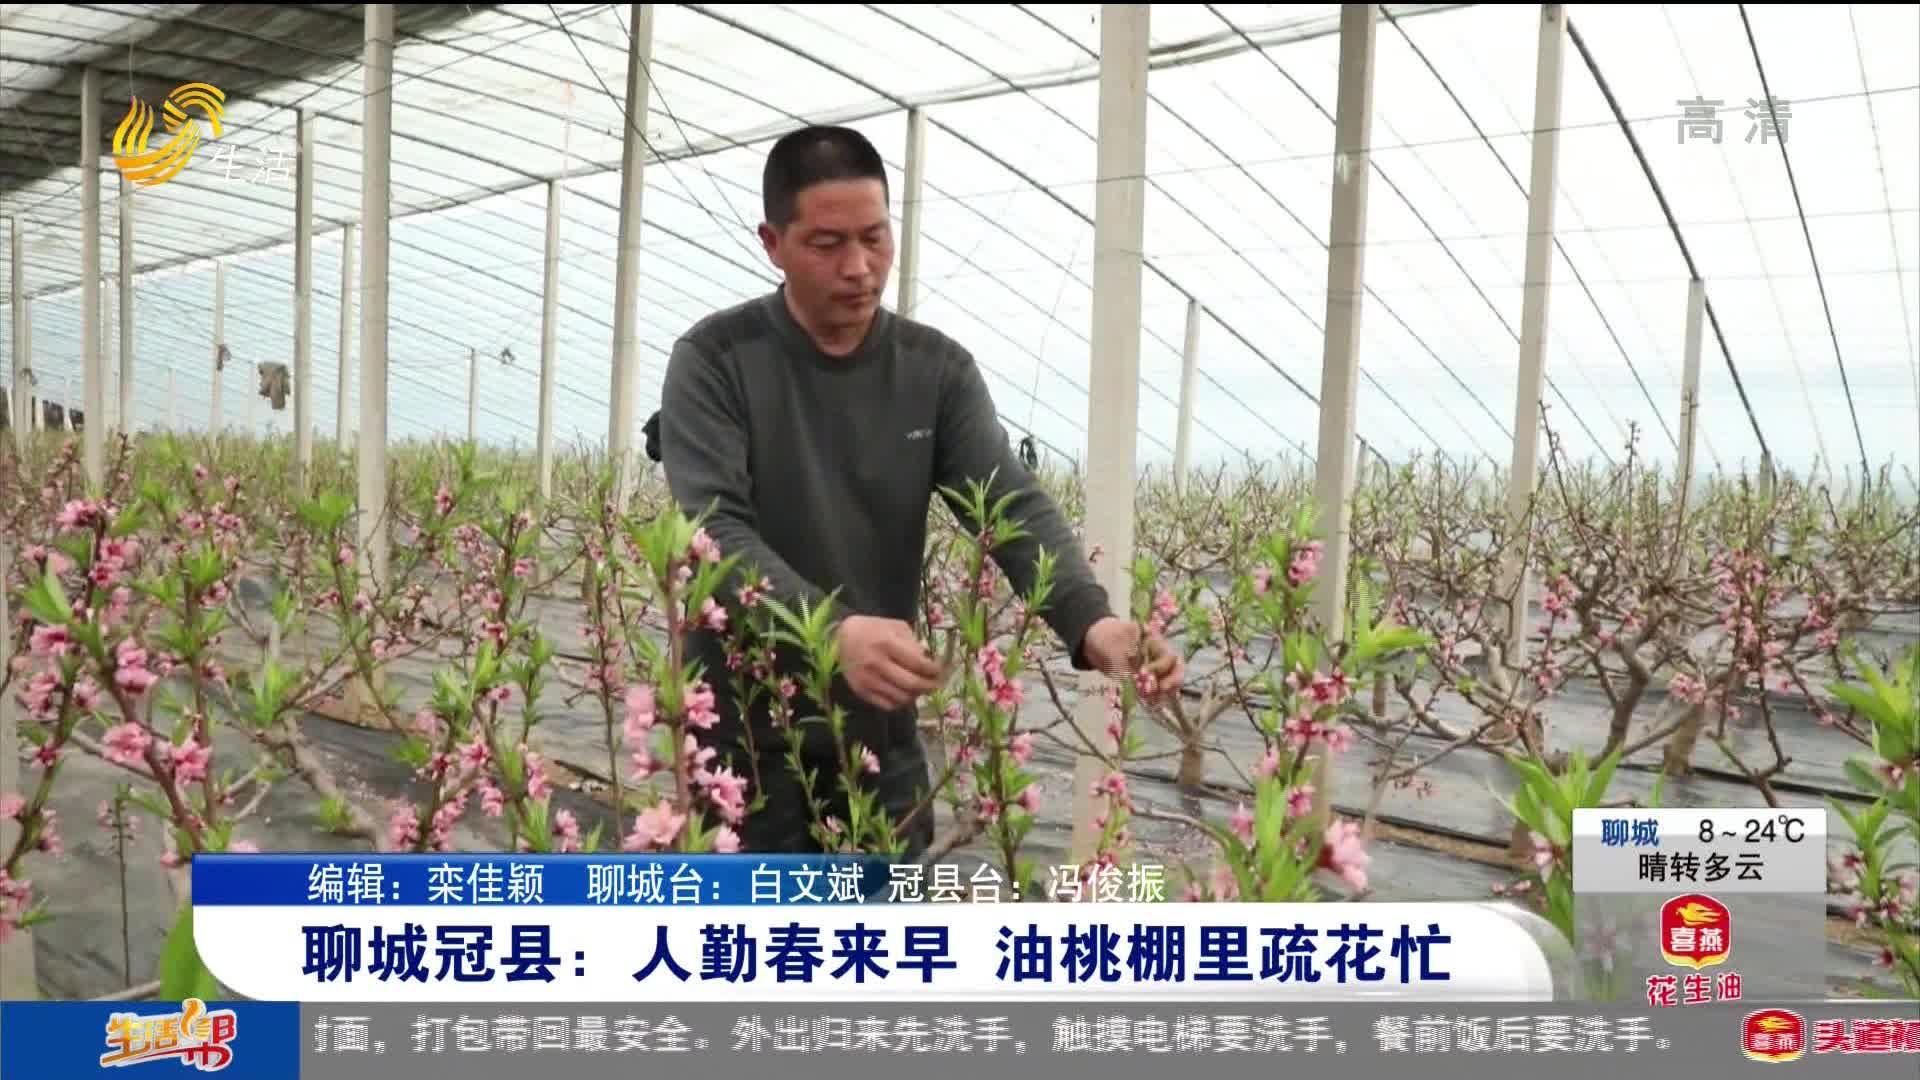 聊城冠县:人勤春来早 油桃棚里疏花忙